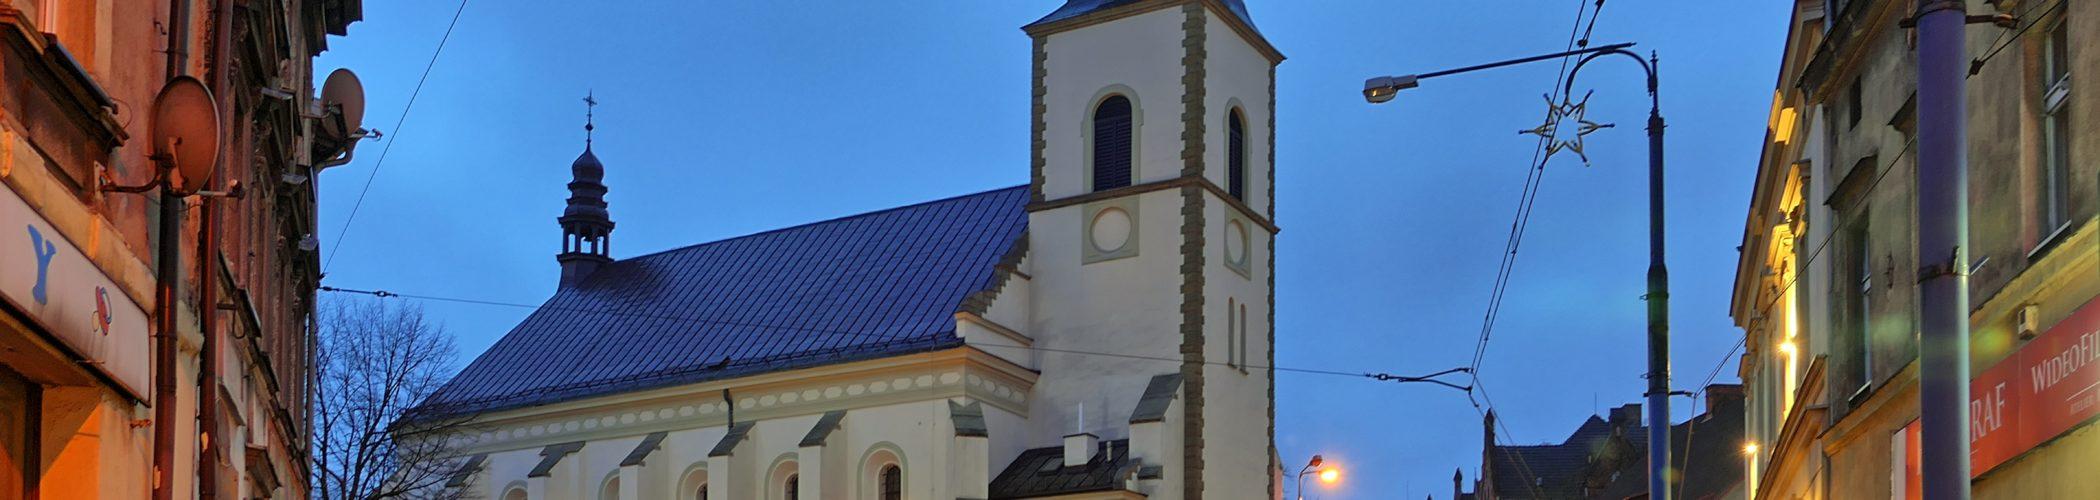 Zdjęcie kościoła Mariackiego w Mysłowicach